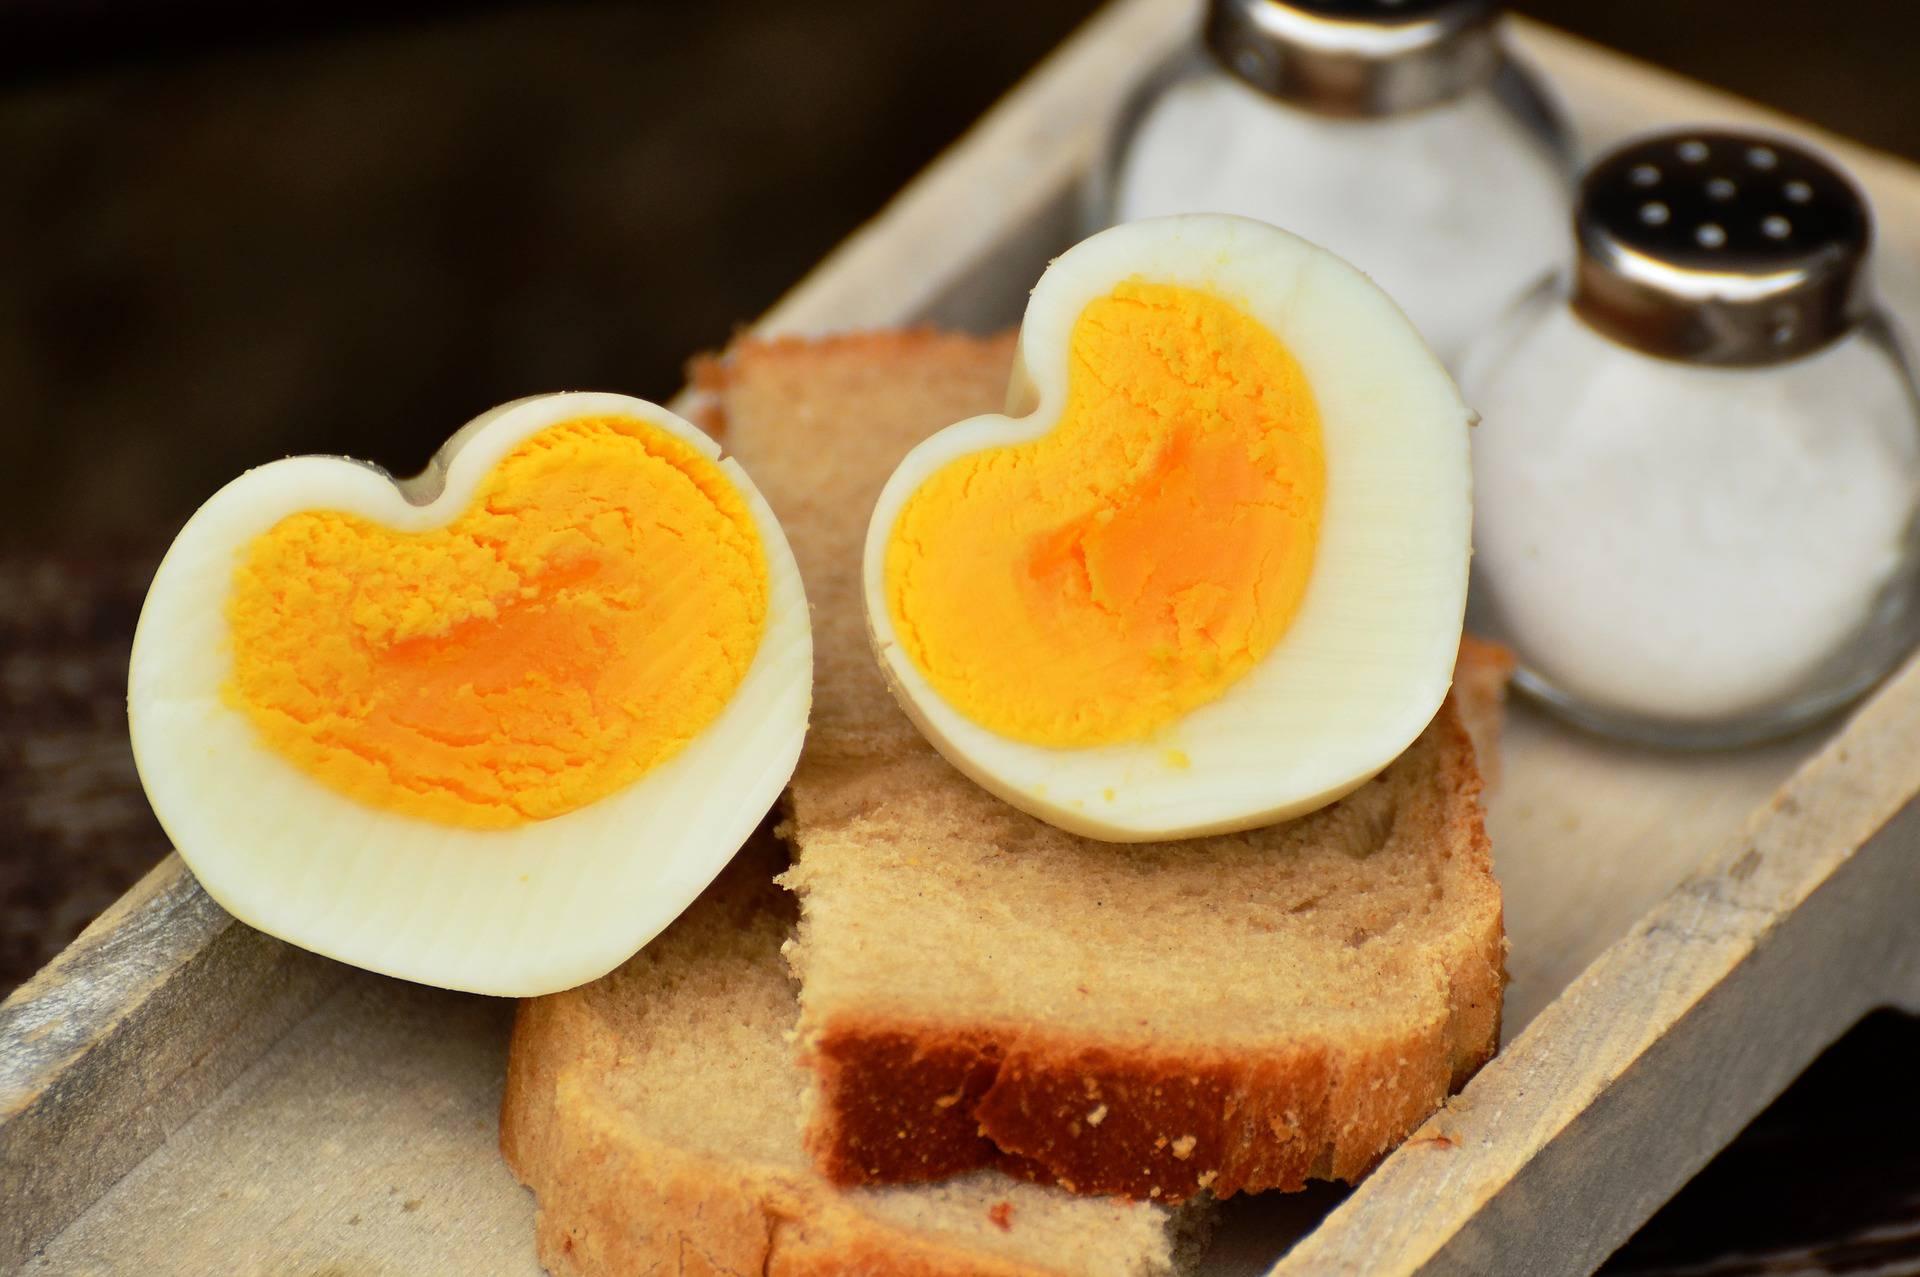 Diete Per Perdere Peso Velocemente Uomo : Perdere peso velocemente con la dieta delle uova sode